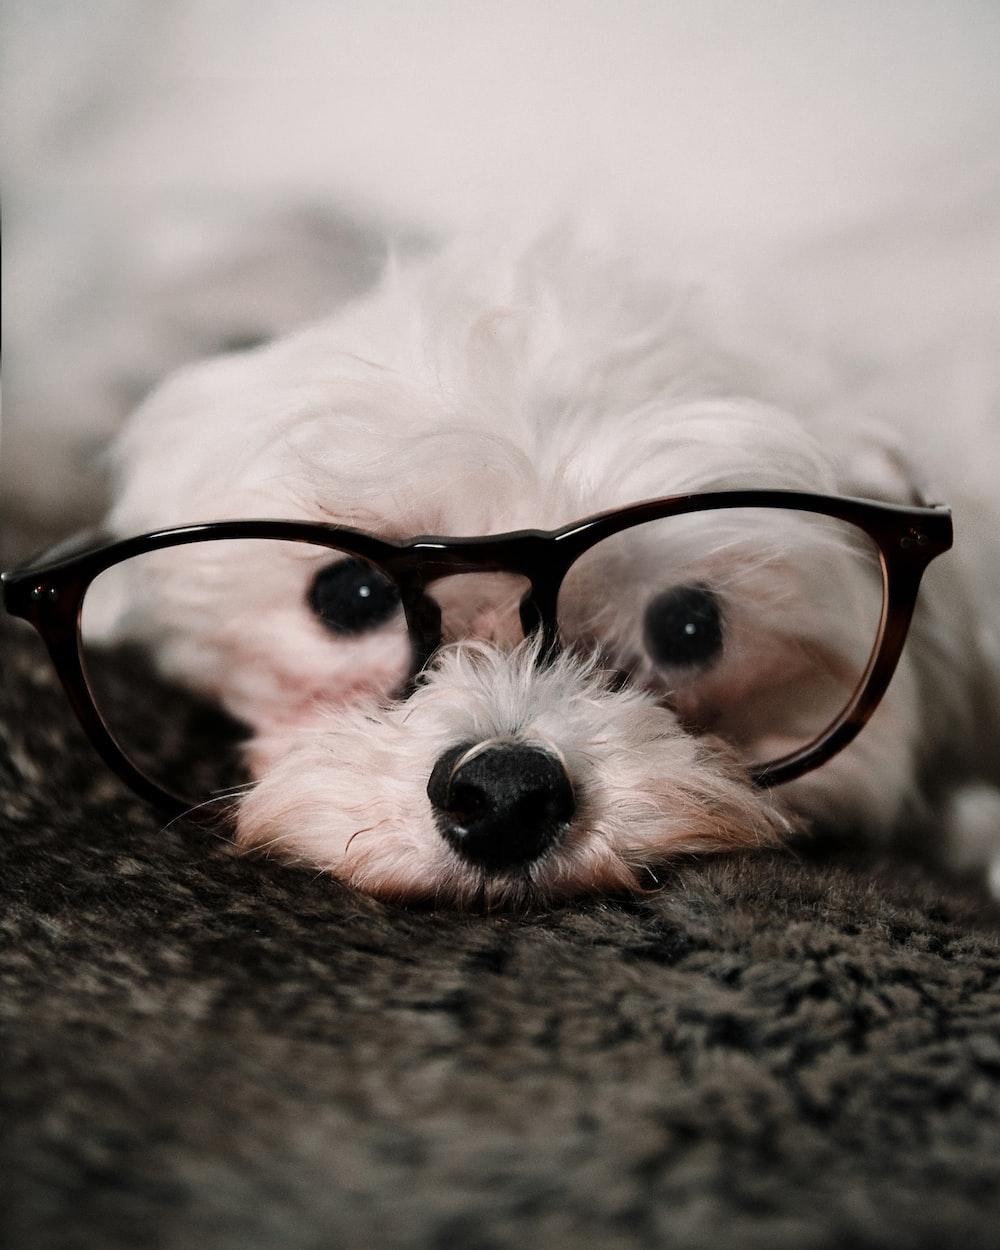 black framed eyeglasses on white fur textile